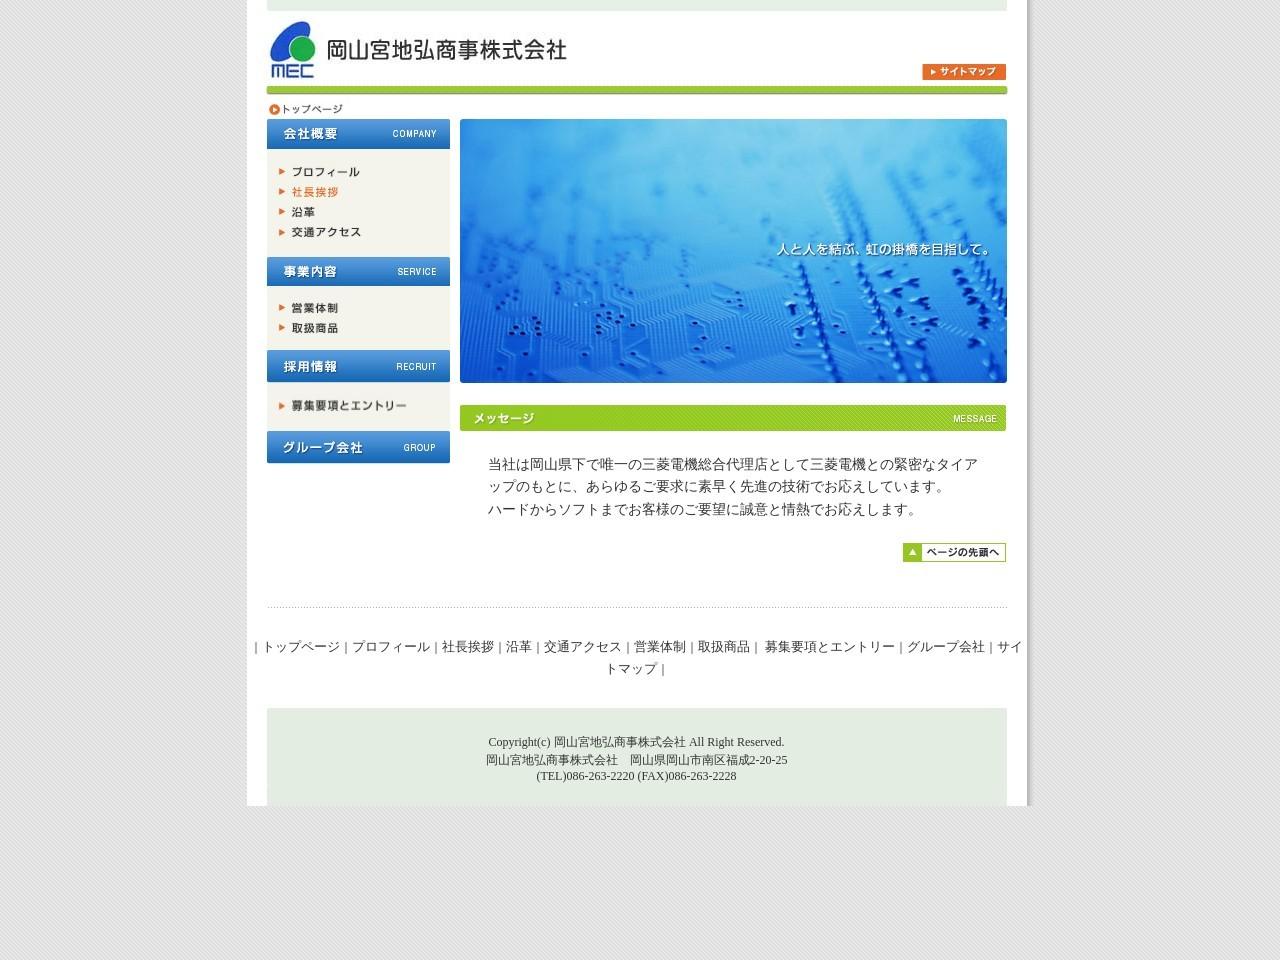 岡山宮地弘商事株式会社